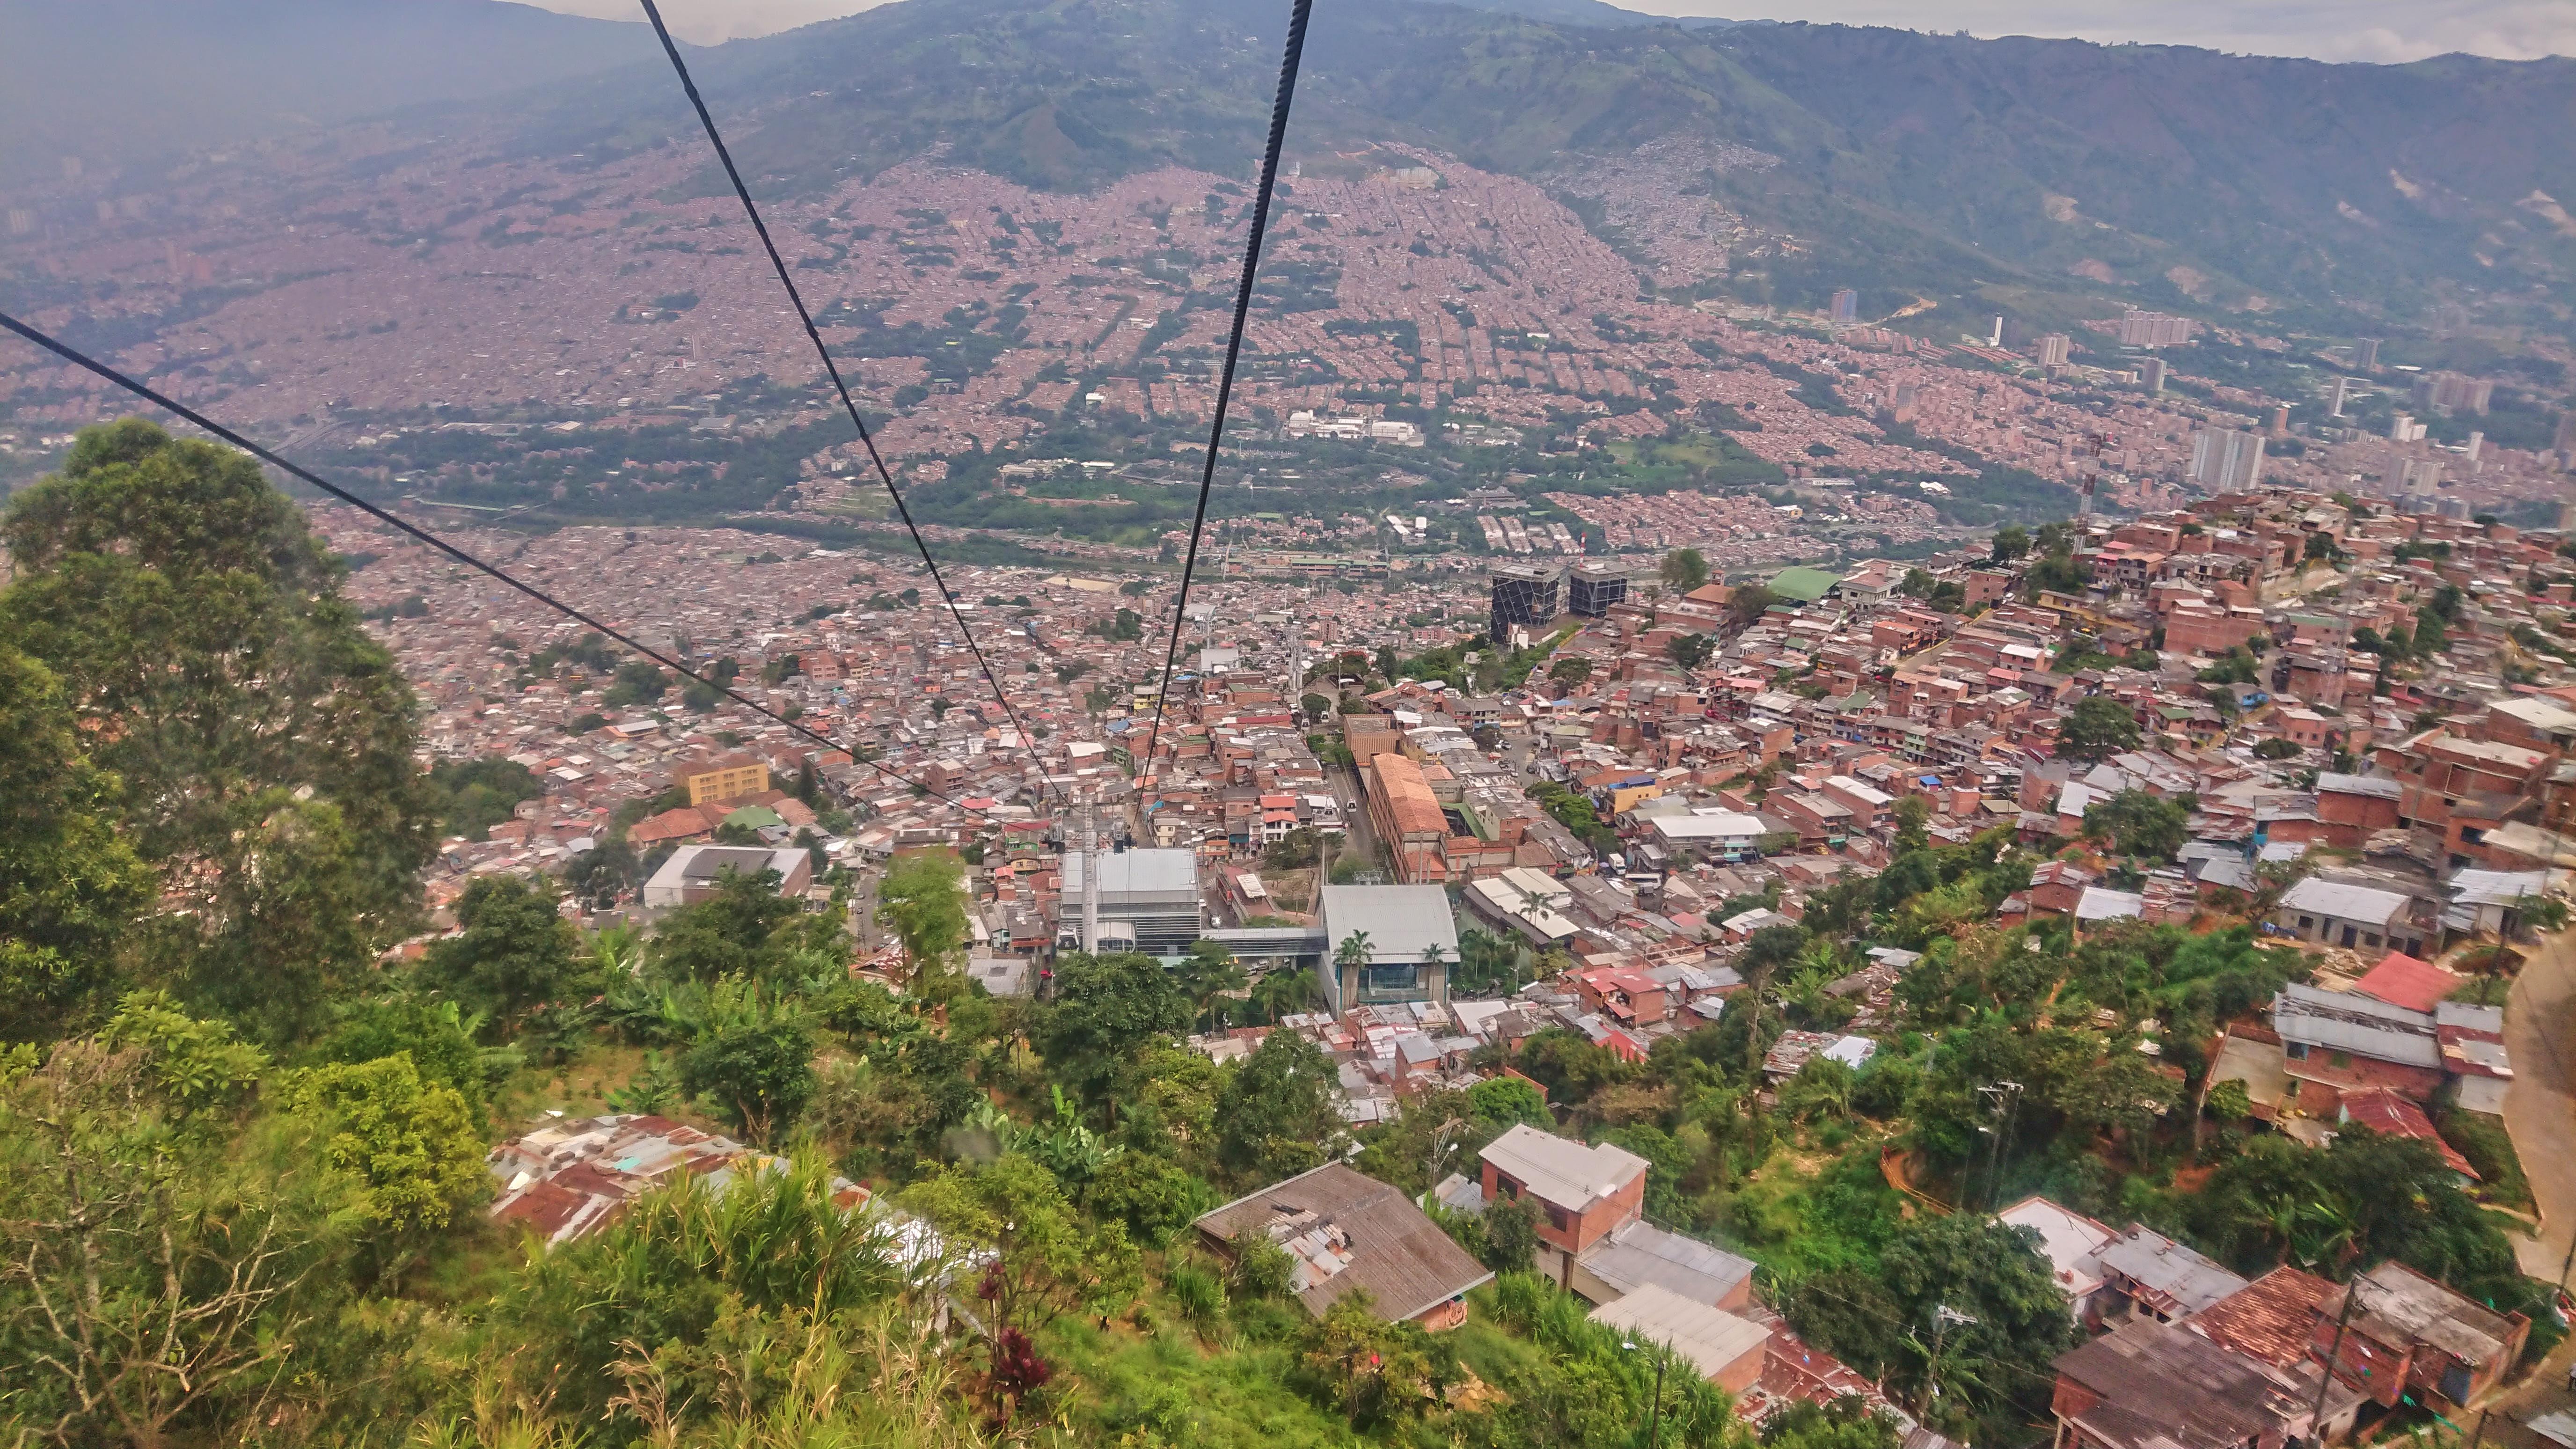 Über den Dächern von Medellin, Kolumbien 2019